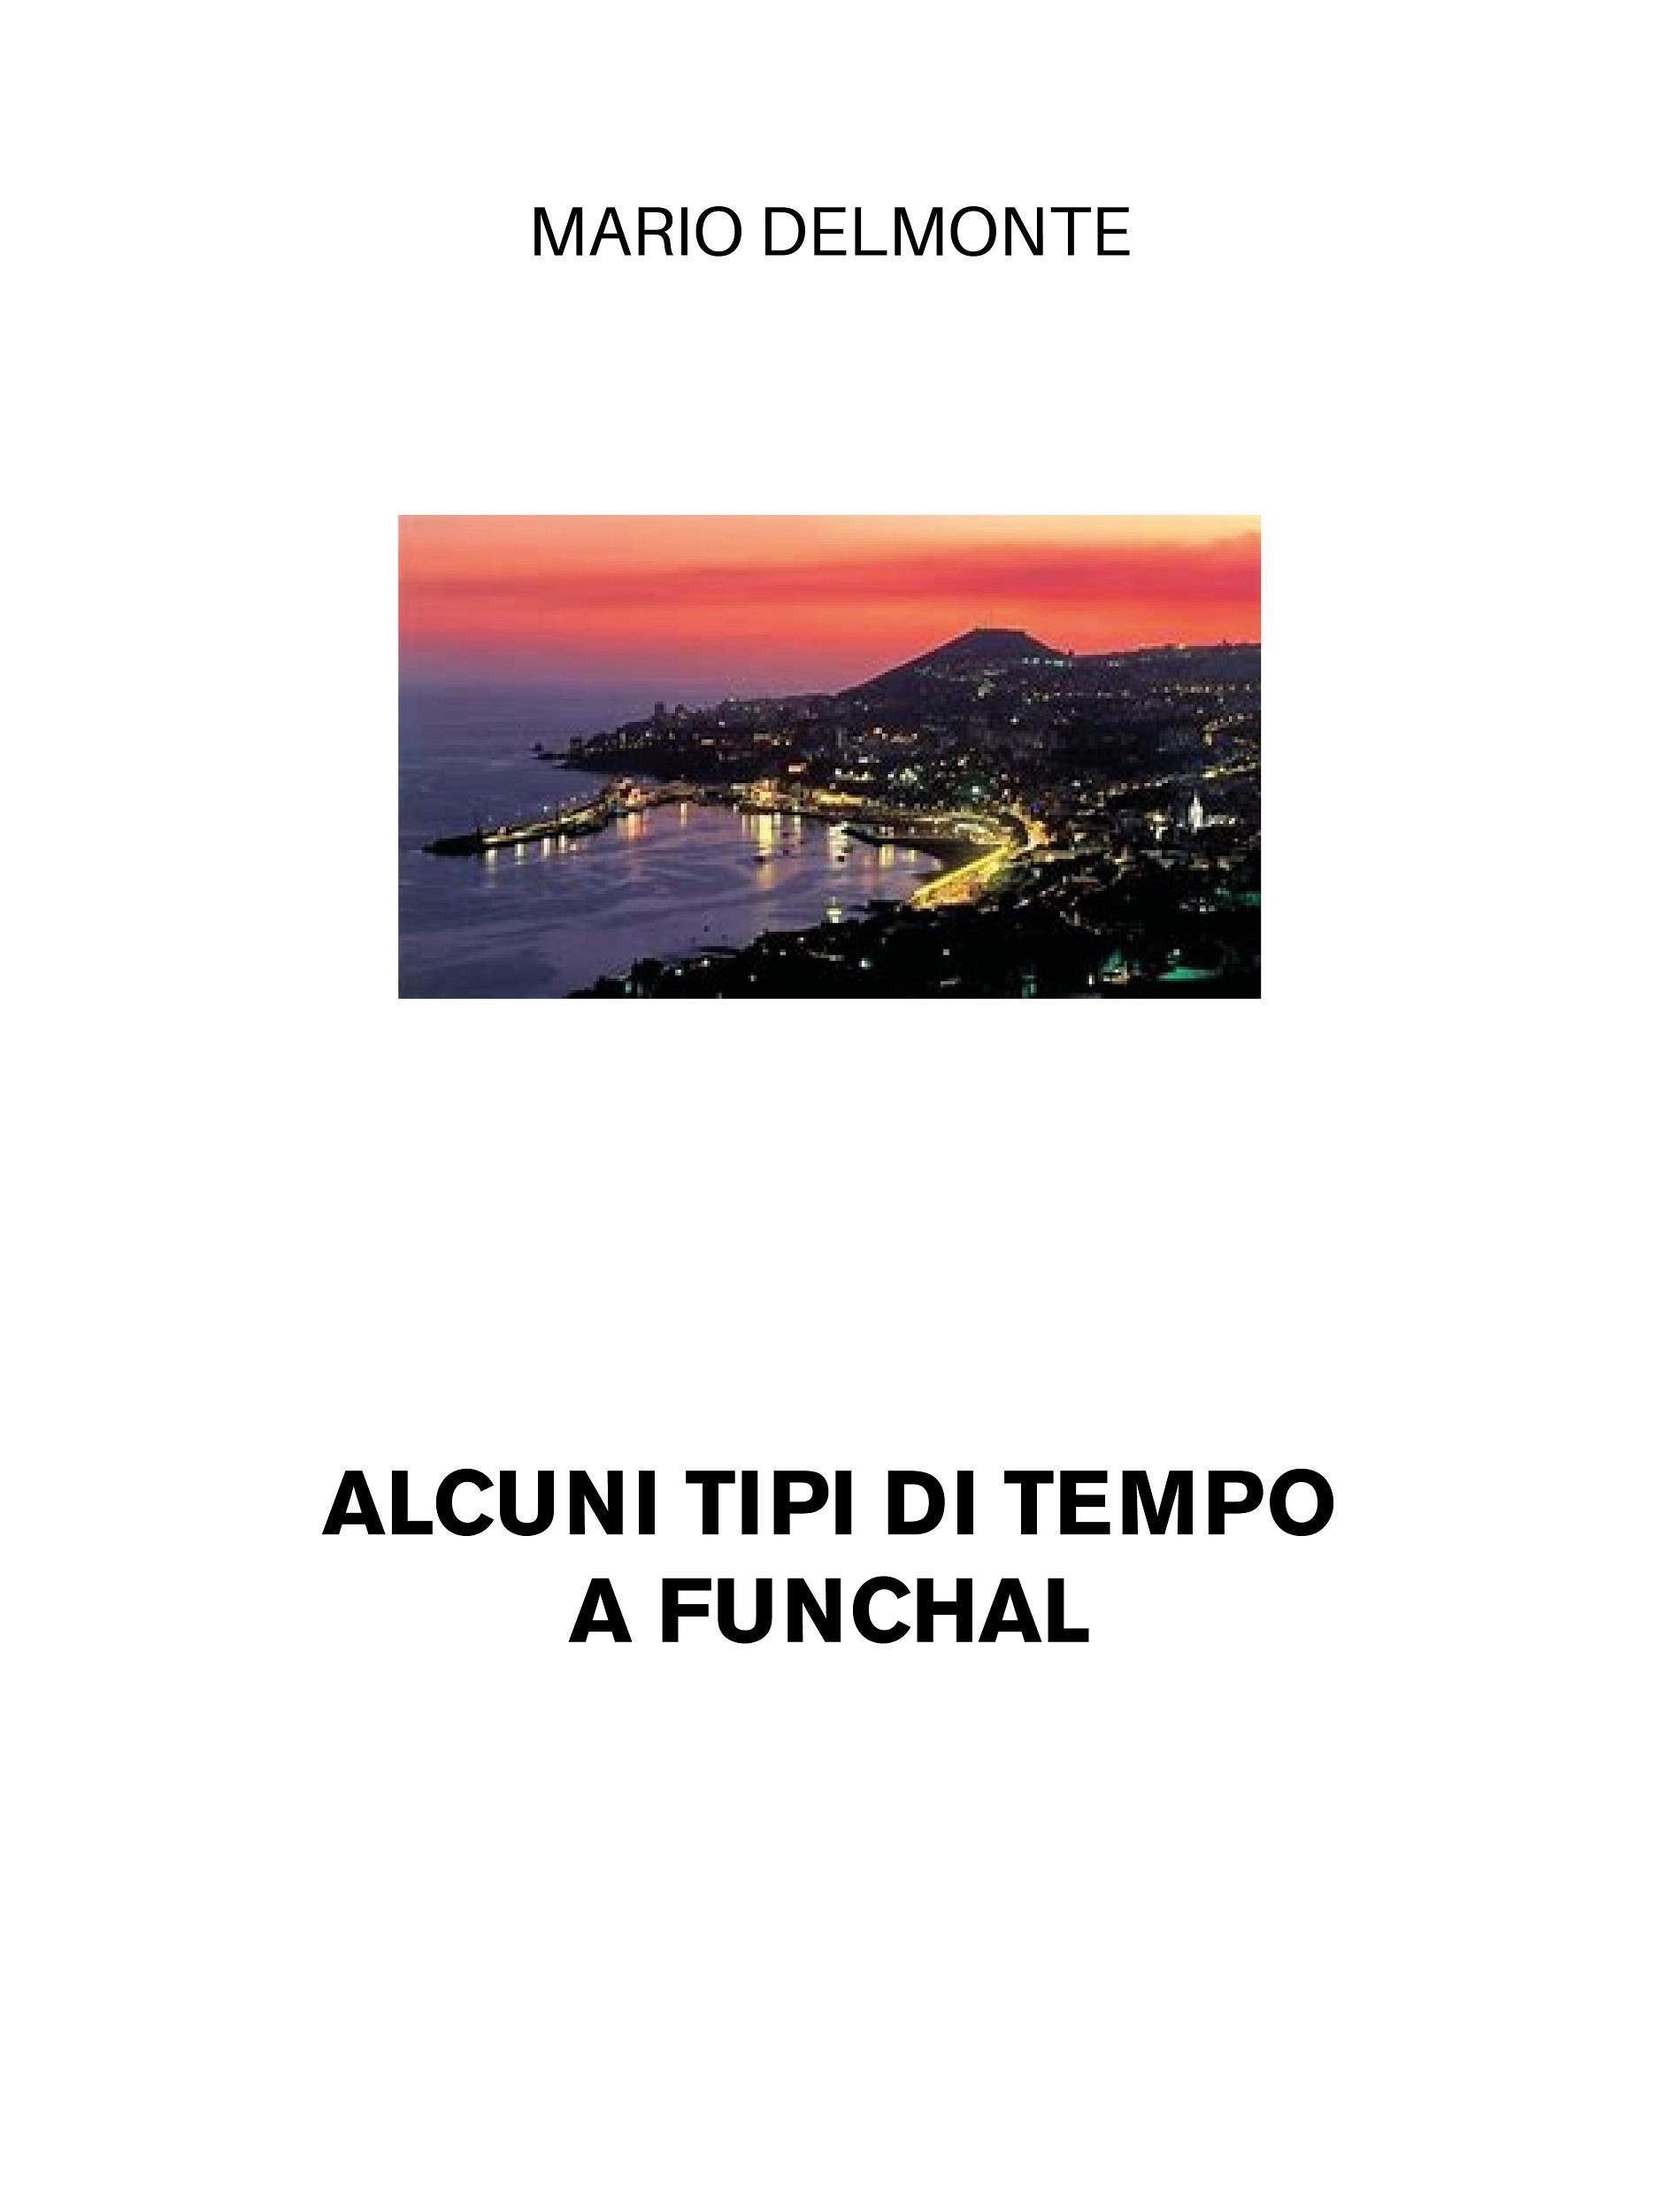 Alcuni tipi di tempo a Funchal